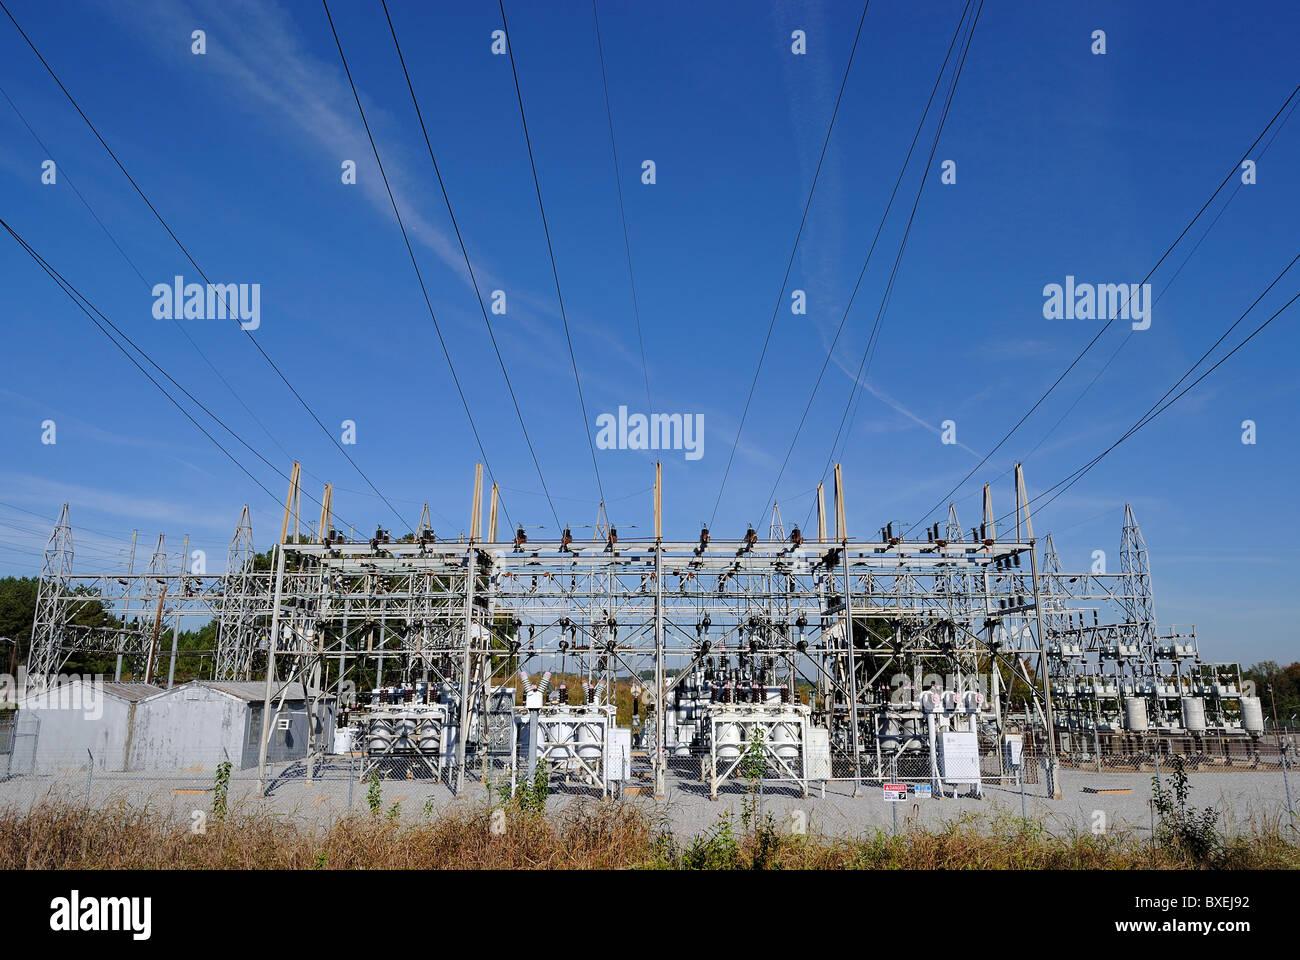 Una potenza industriale impianto Immagini Stock